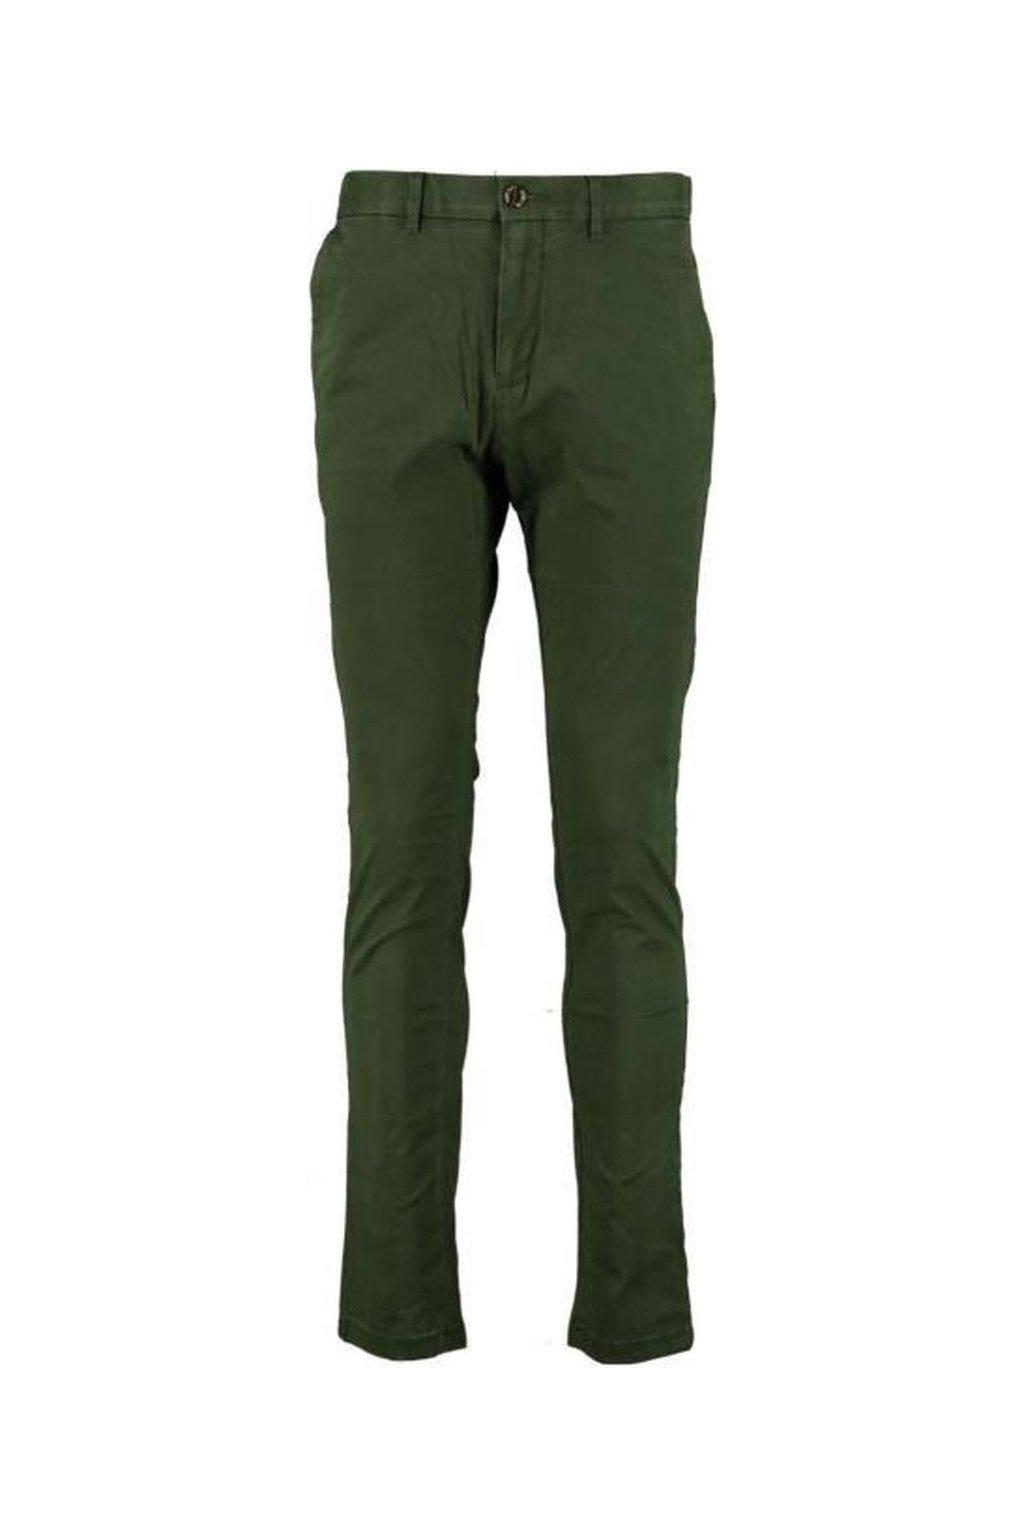 Pánské kalhoty Tommy Hilfiger MW0MW07218